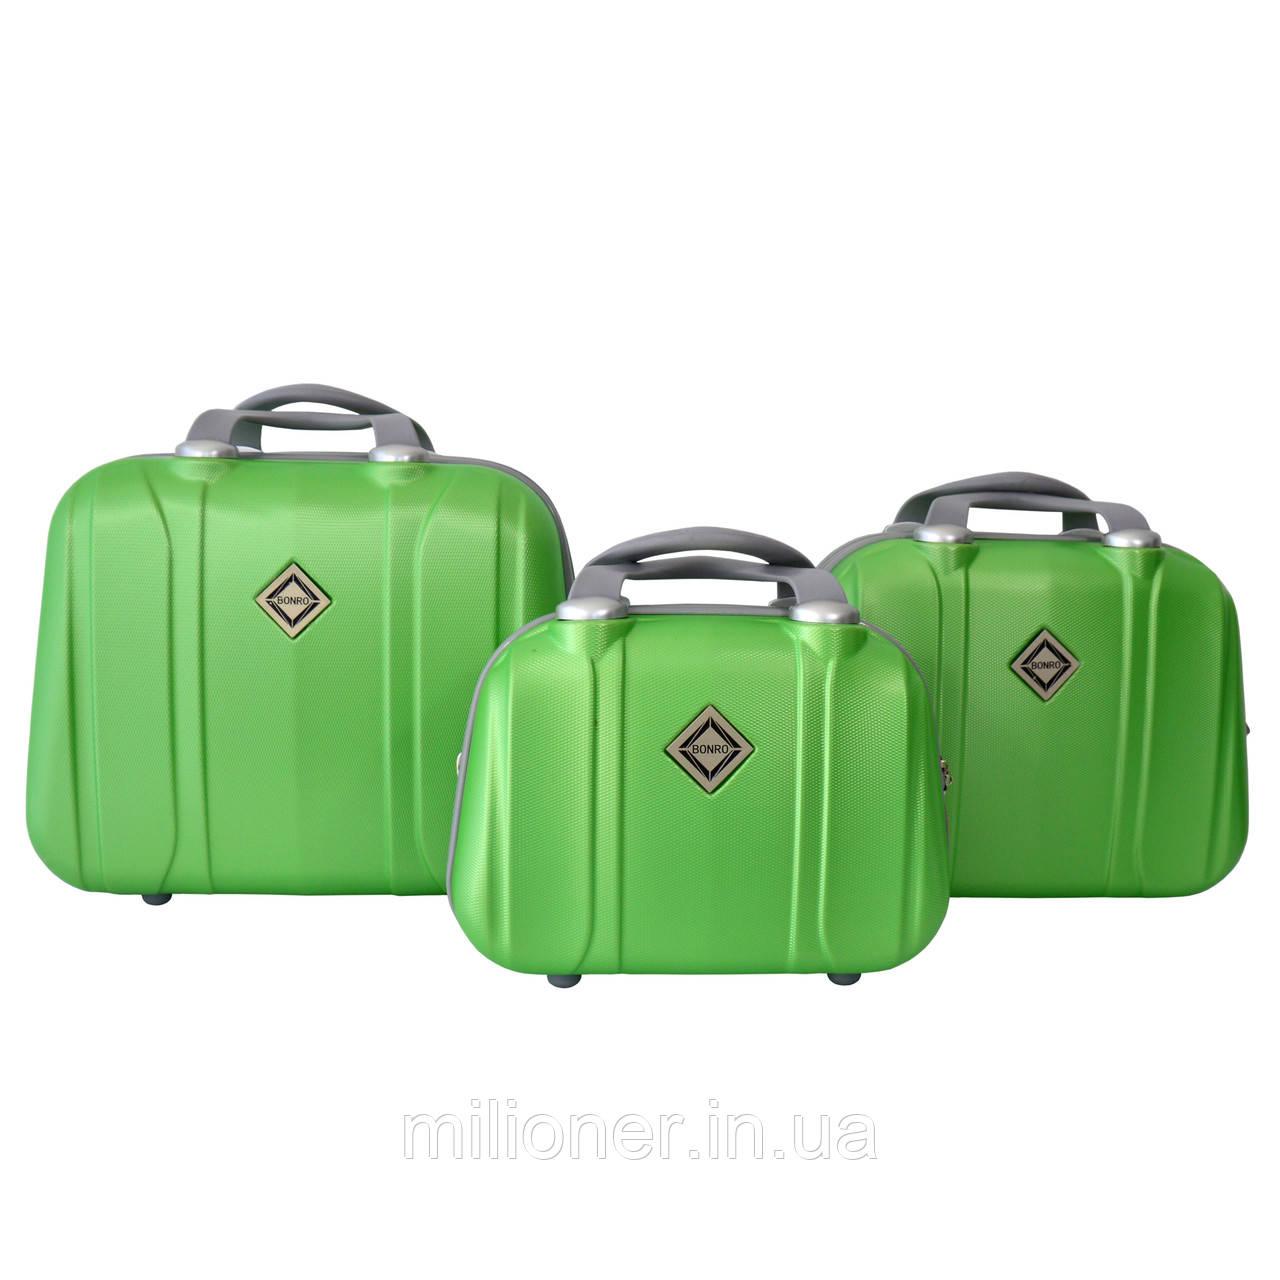 Сумка кейс саквояж 3в1 Bonro Smile салатовый (green 696)